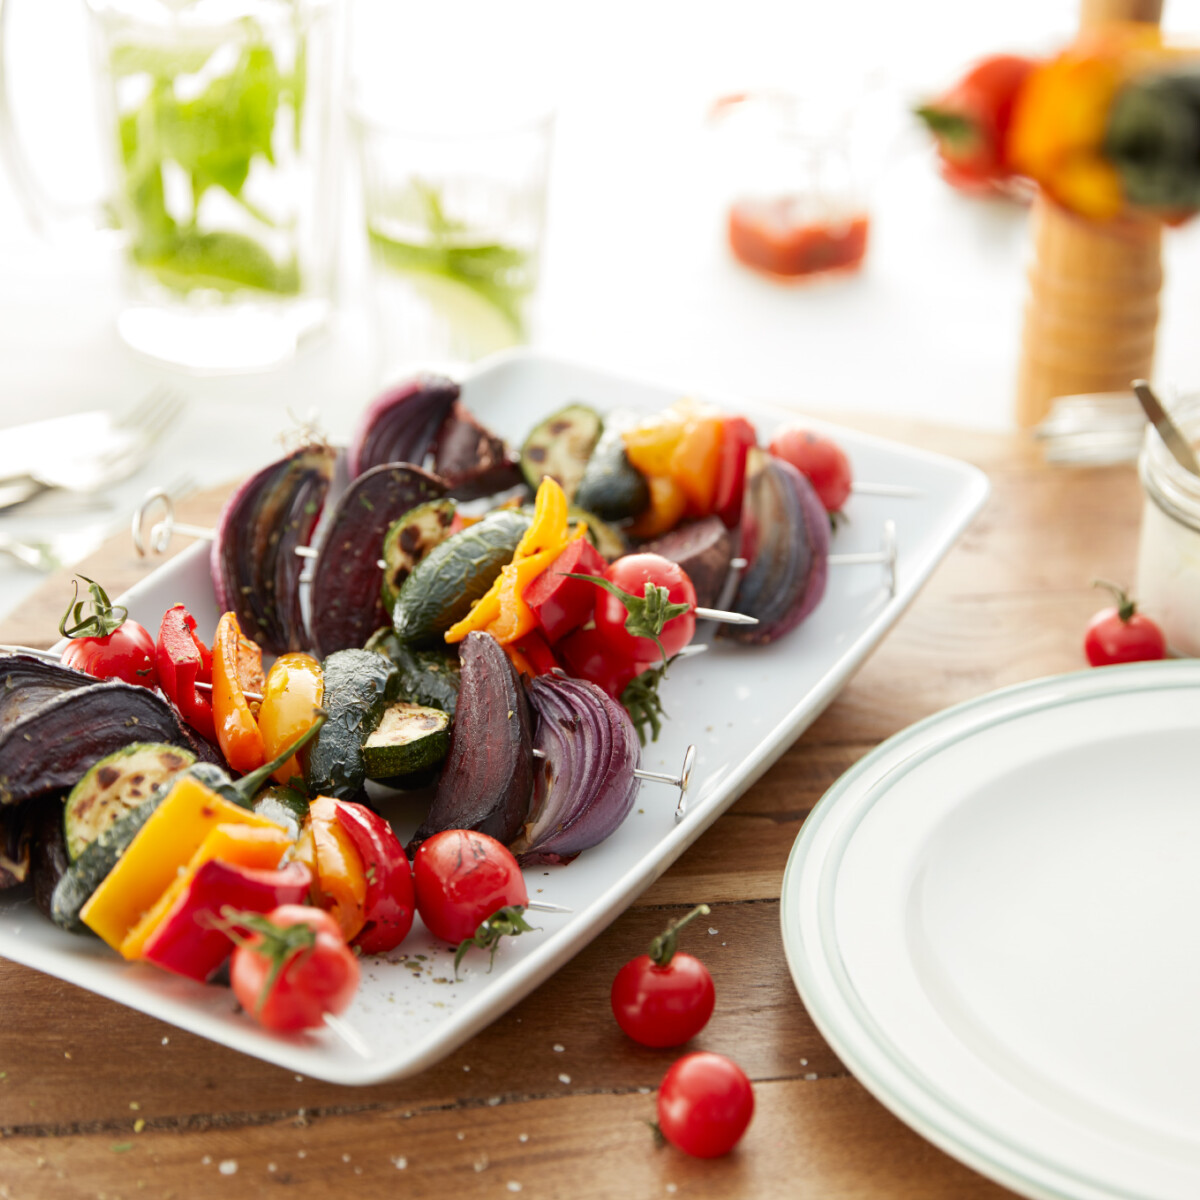 Szivárványos zöldségnyárs Philips Airfryerben készítve